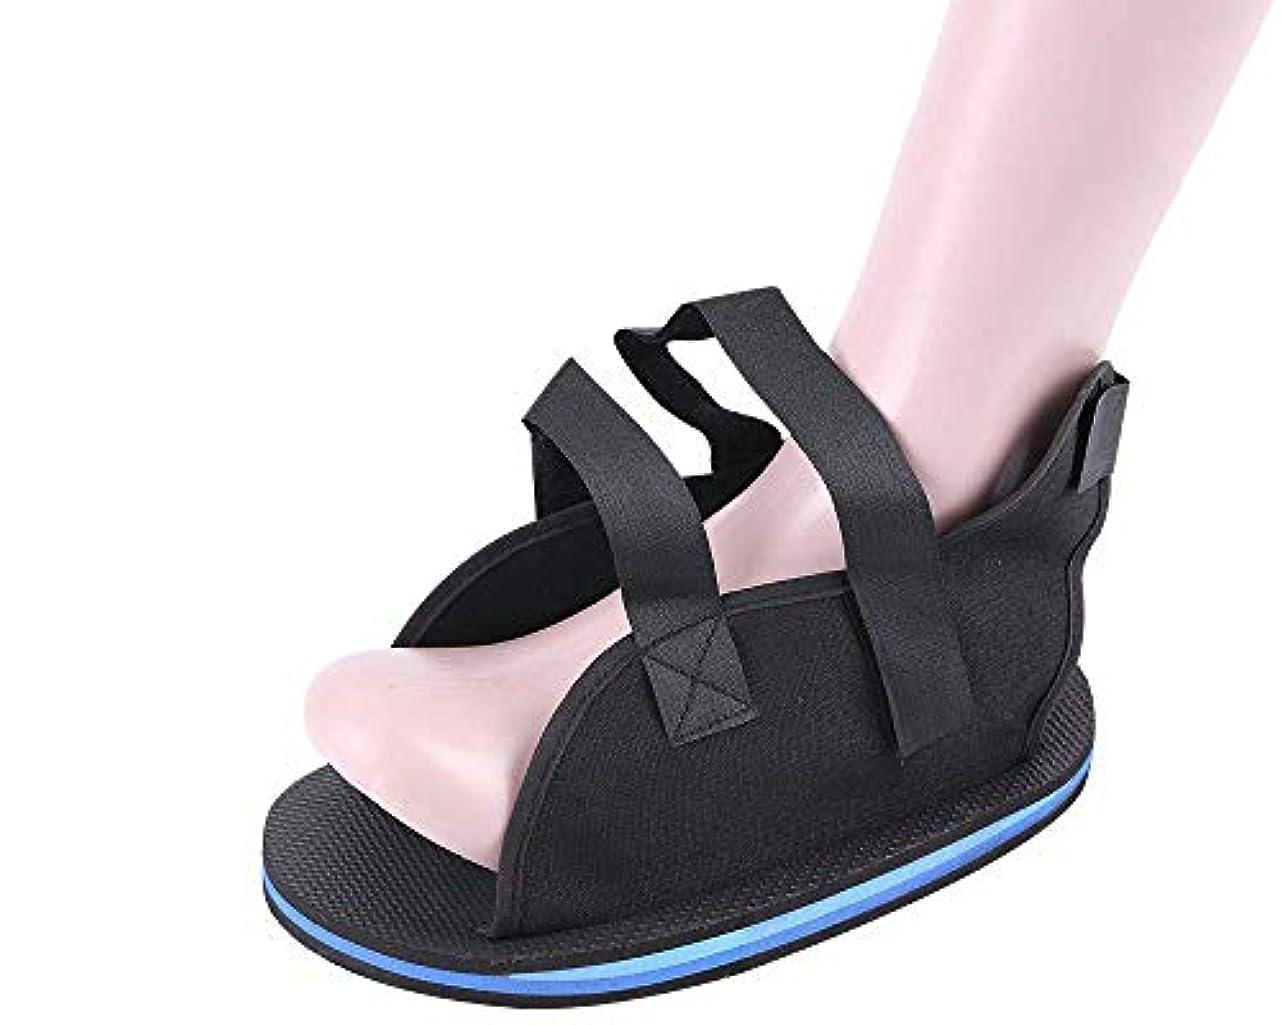 送る強化する怠惰骨折したつま先/足の骨折の術後靴 - 傷害後のフットキャスト回復のための整形外科用装具と軽量の医療用ウォーキングブーツ,XS